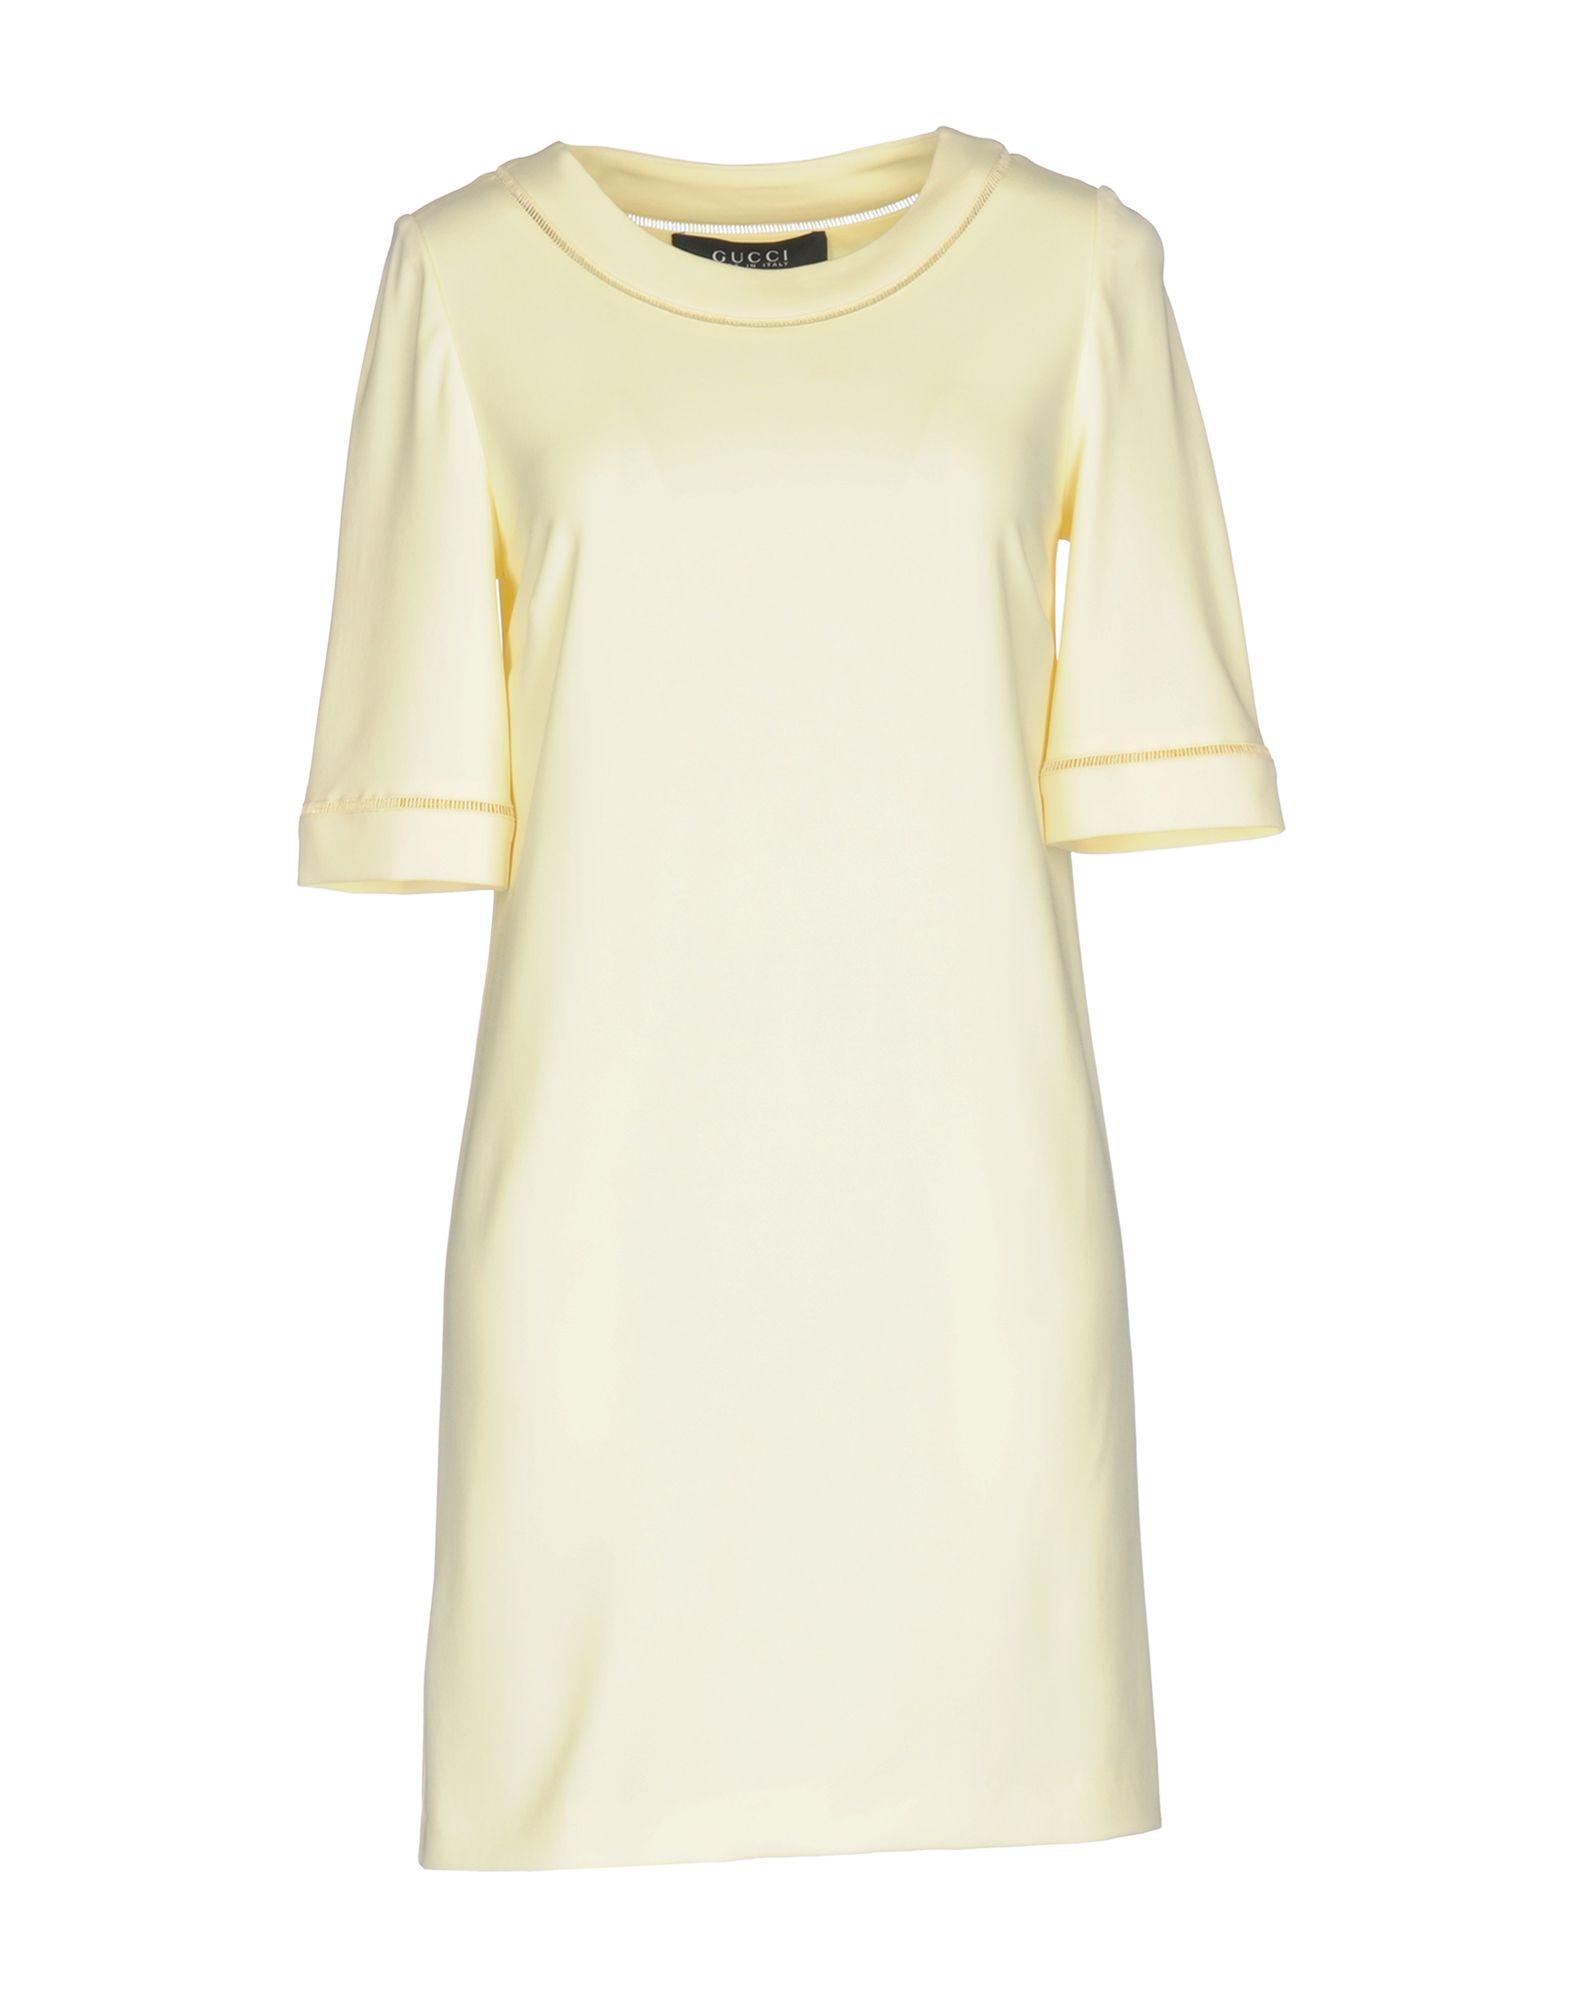 GUCCI Damen Kurzes Kleid Farbe Hellgelb Größe 4